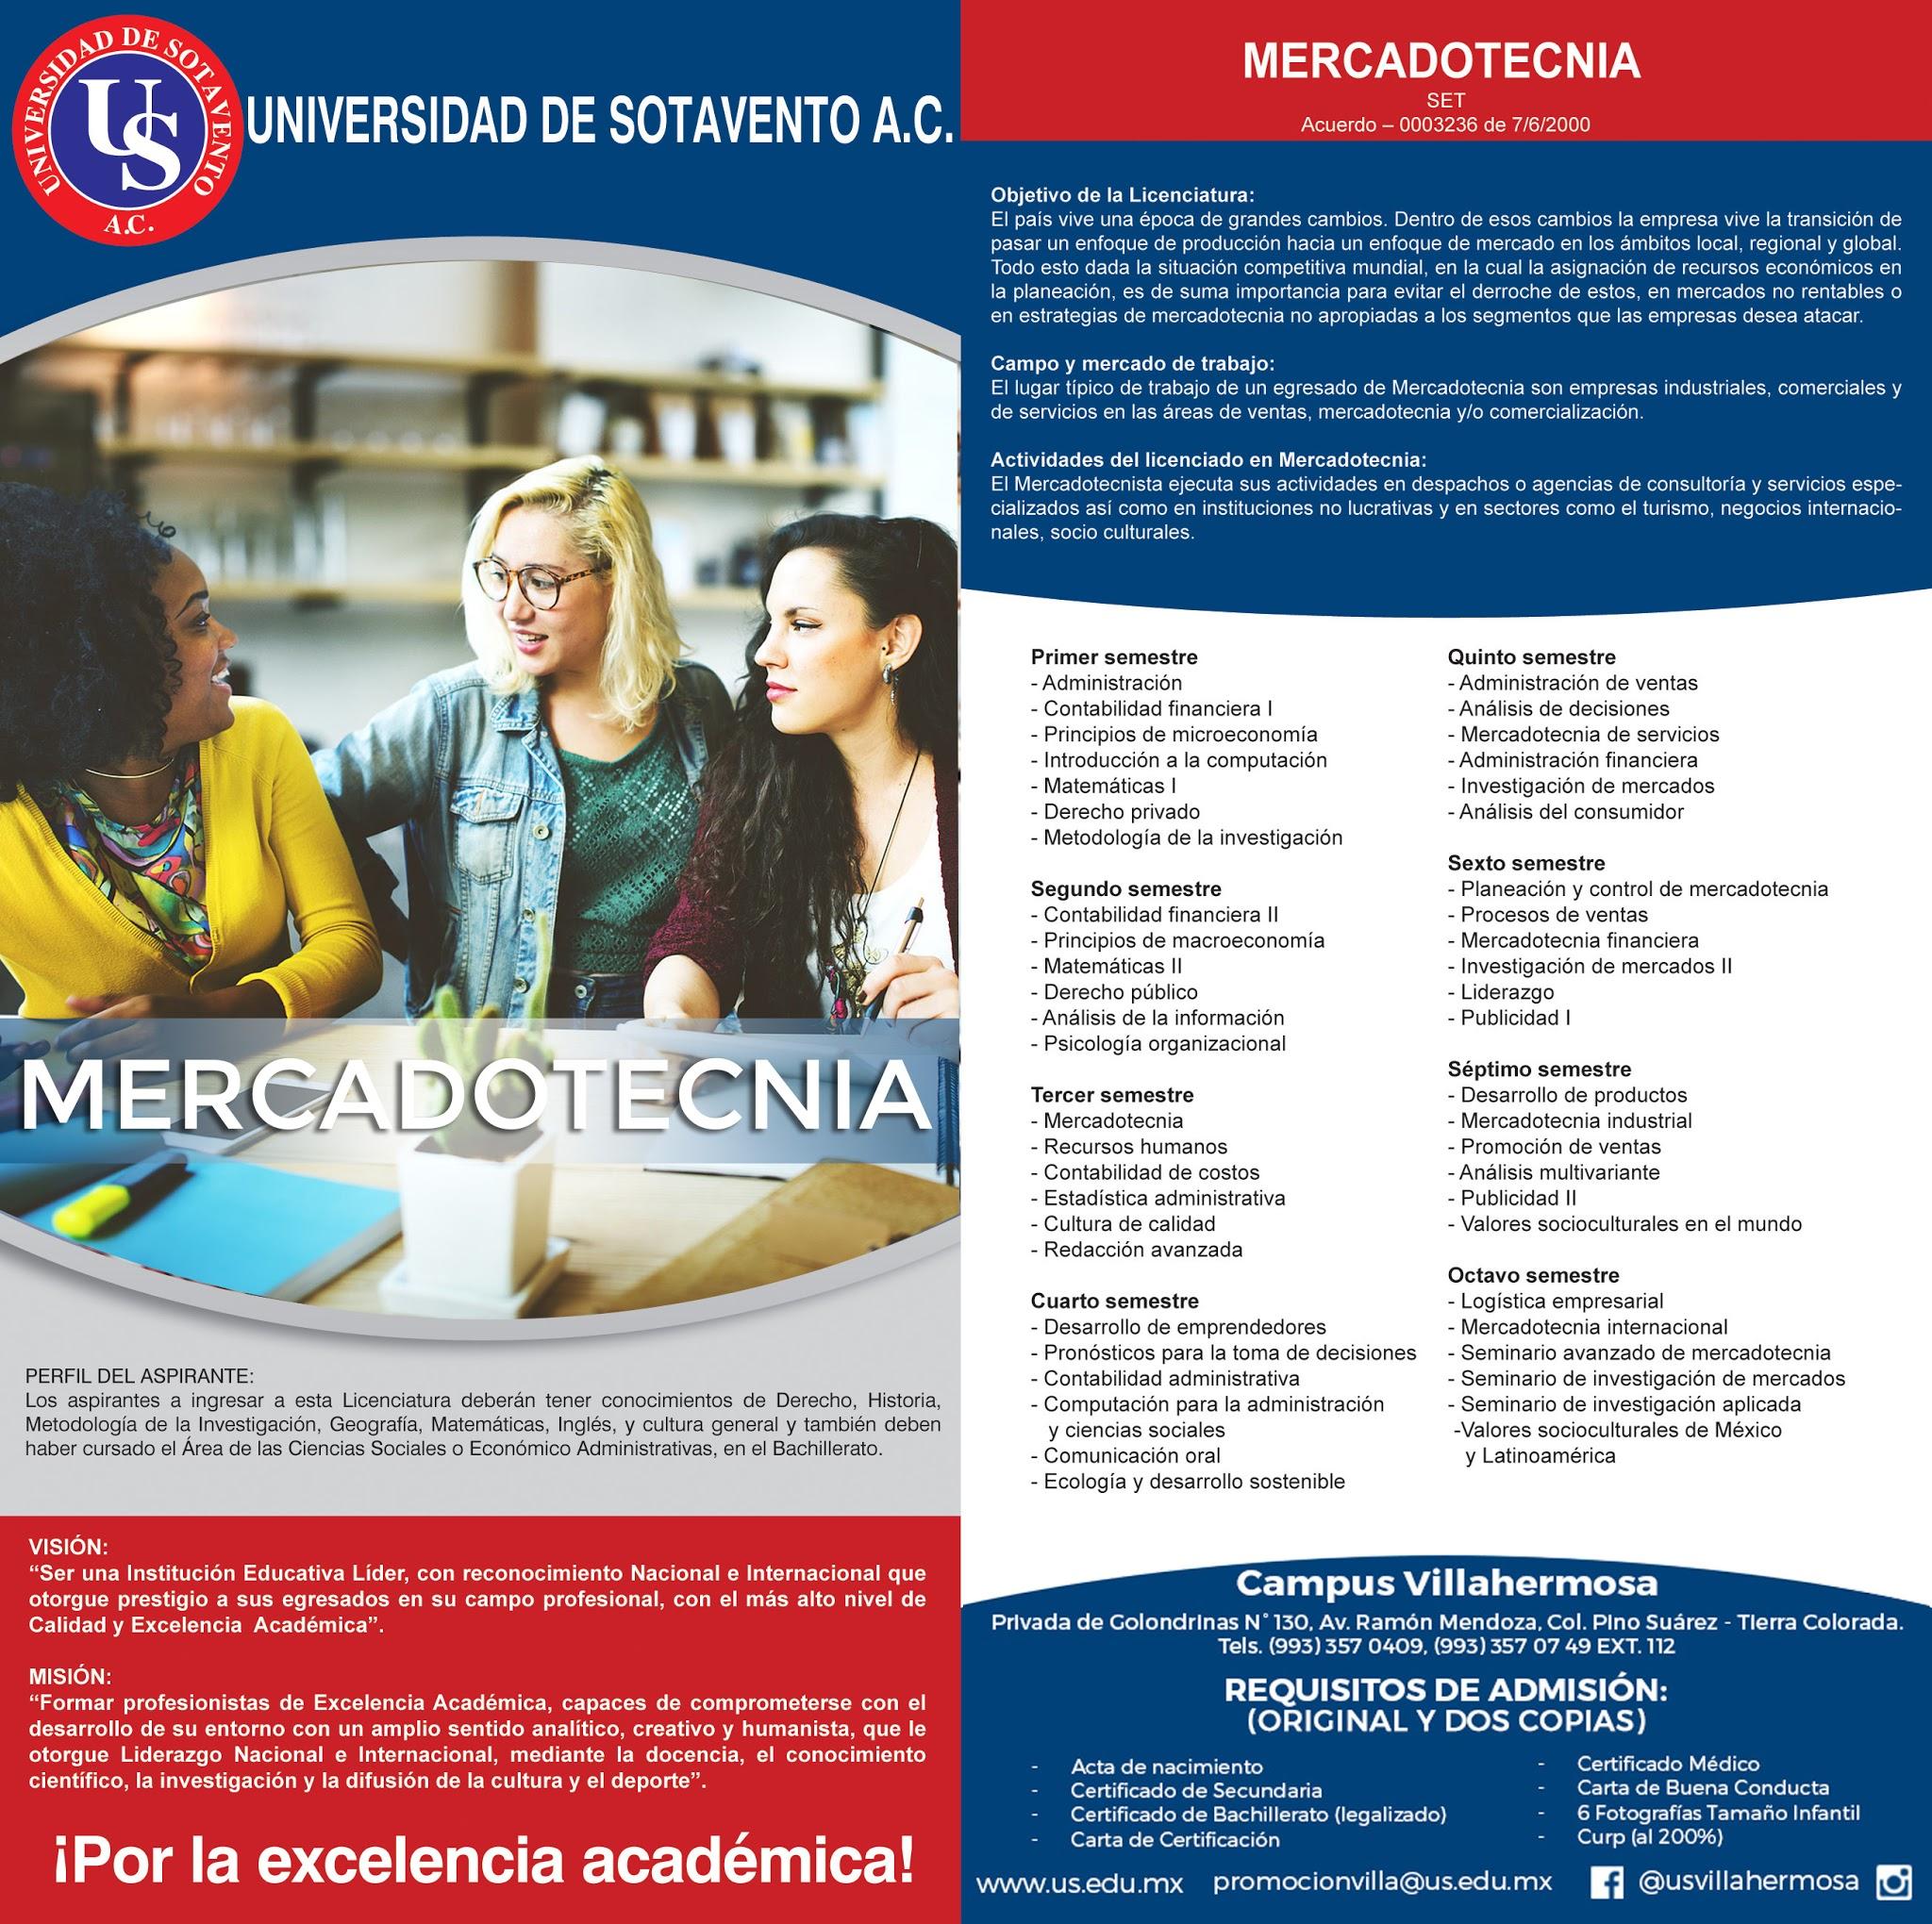 Universidad de Sotavento Campus Villahermosa - Google+